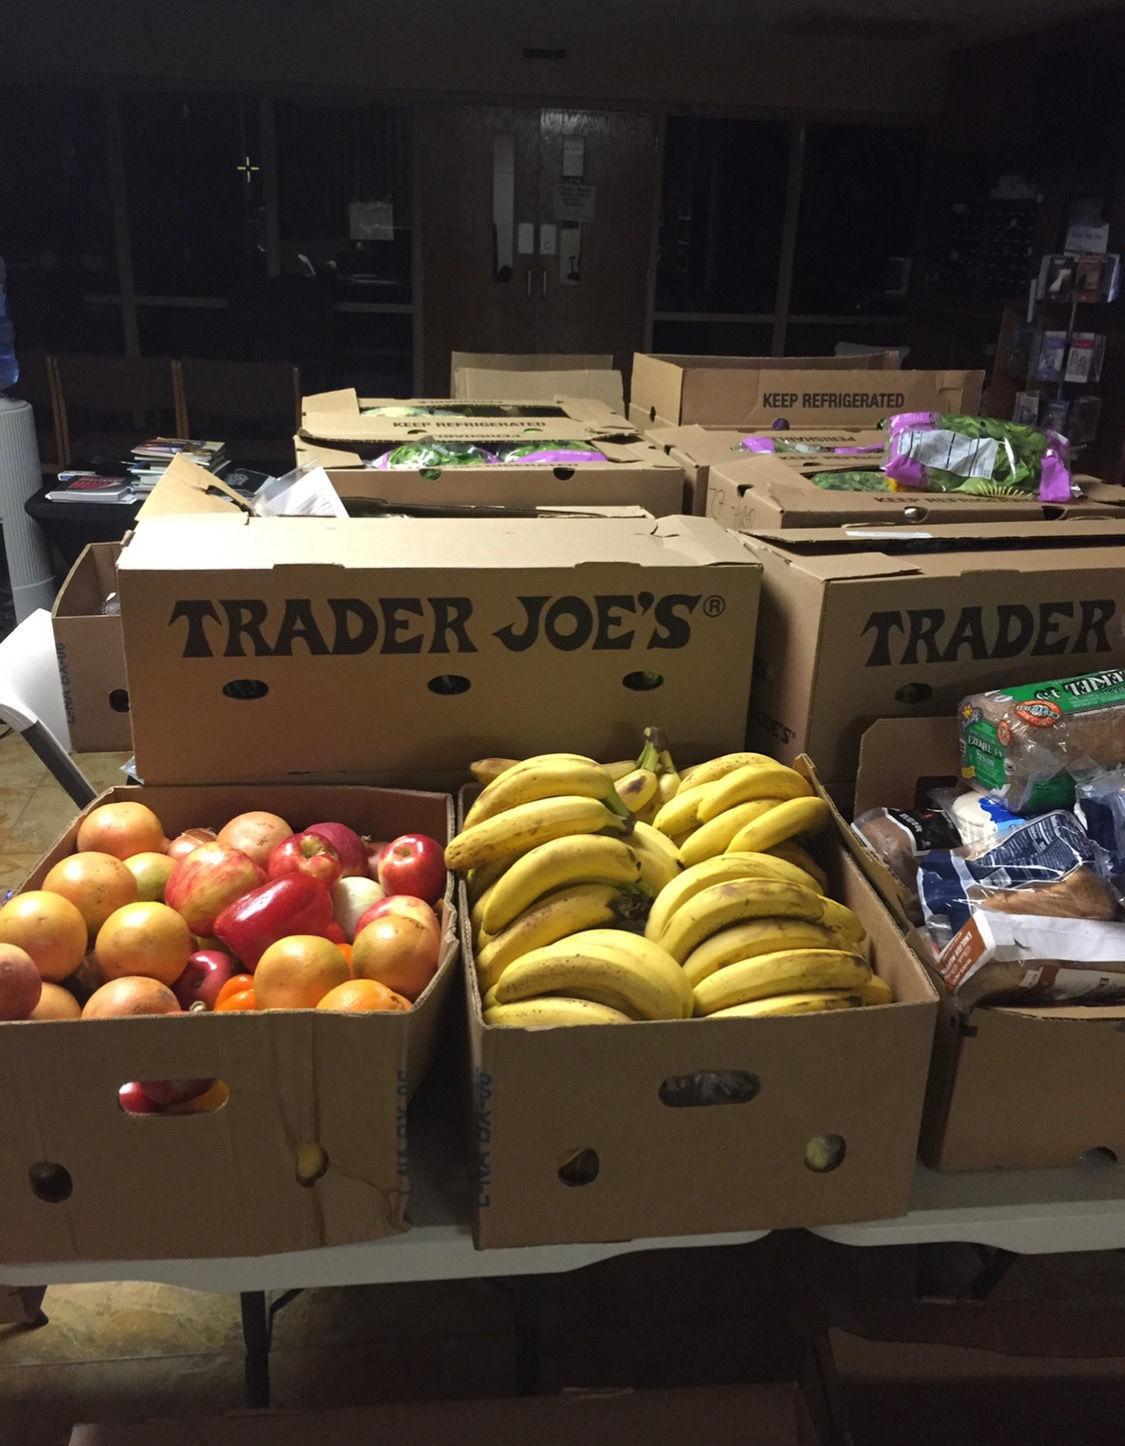 Trader Joe's food donation